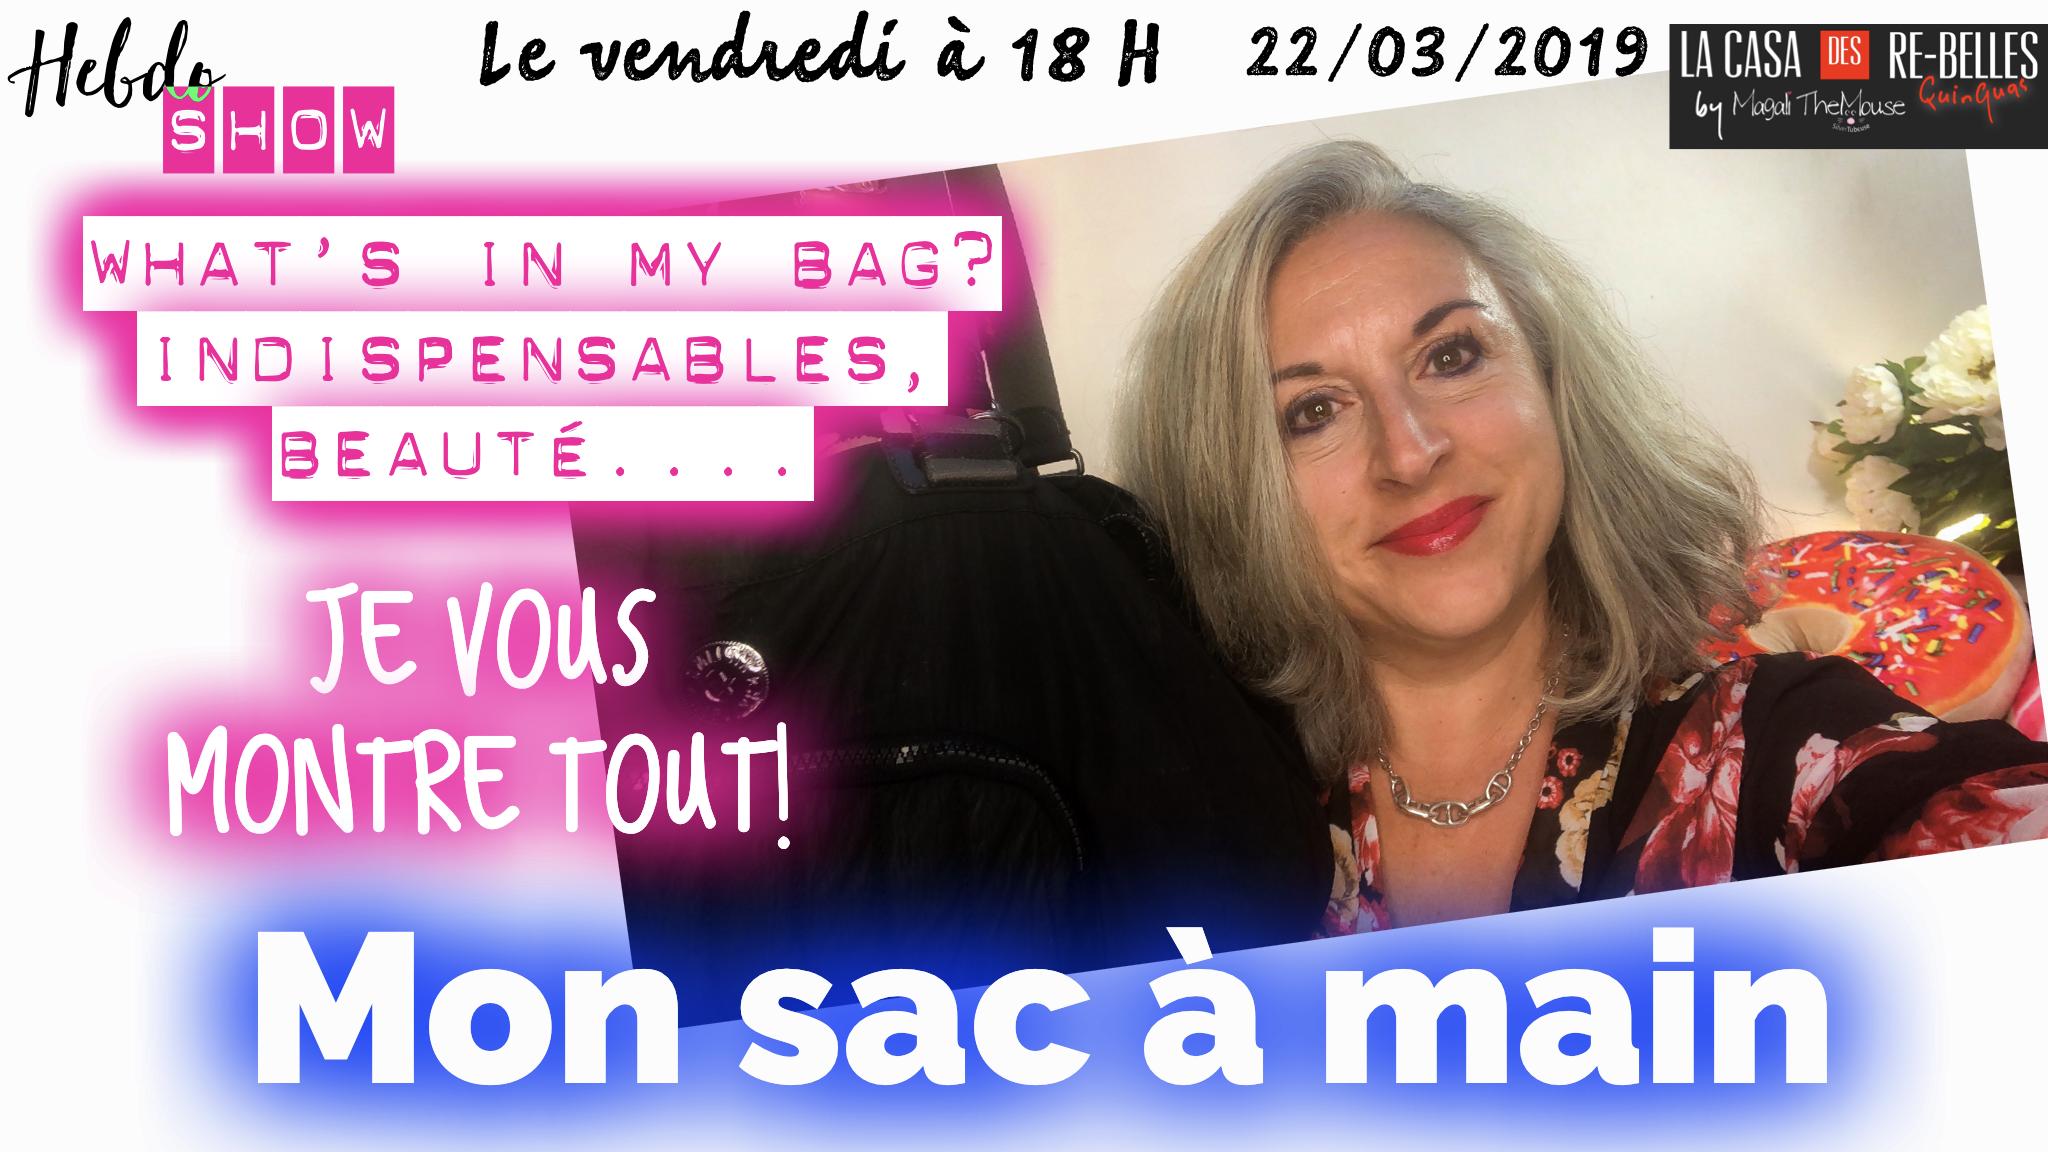 What's in my bag? Je vous montre tout: beauté, astuces, indispensables…